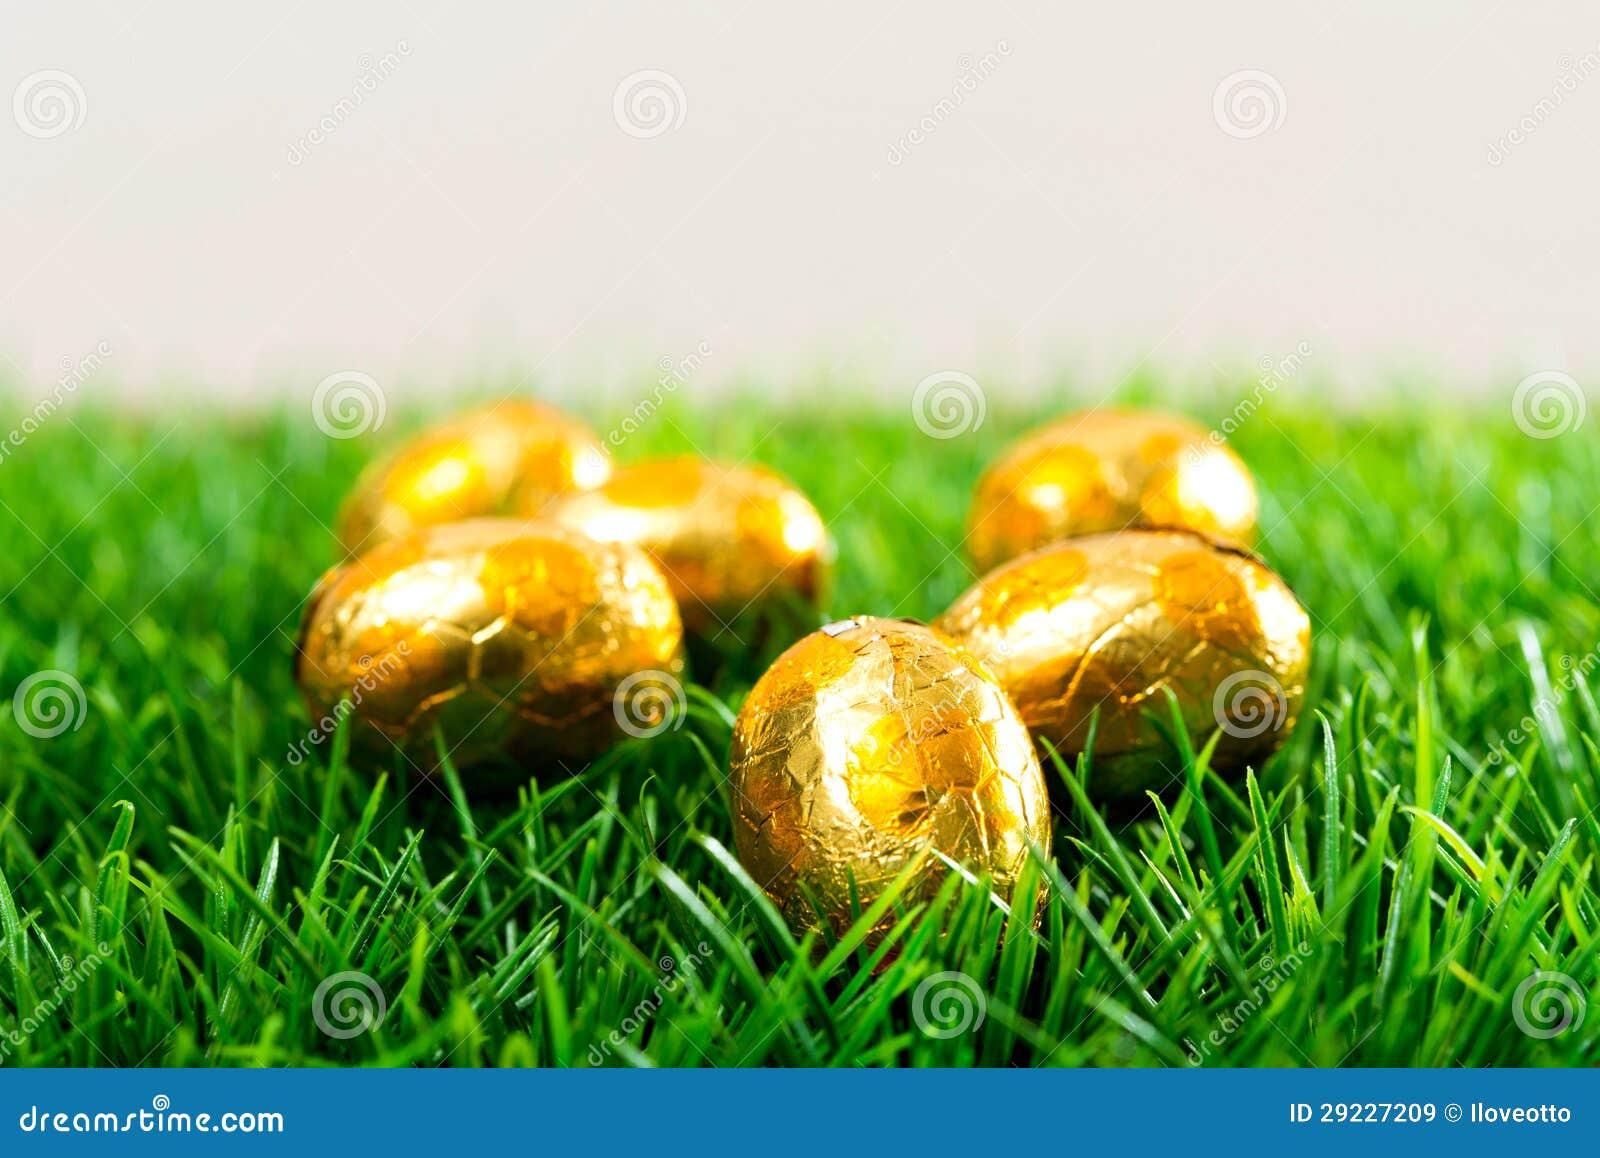 Download Ovos da páscoa imagem de stock. Imagem de espaço, céu - 29227209